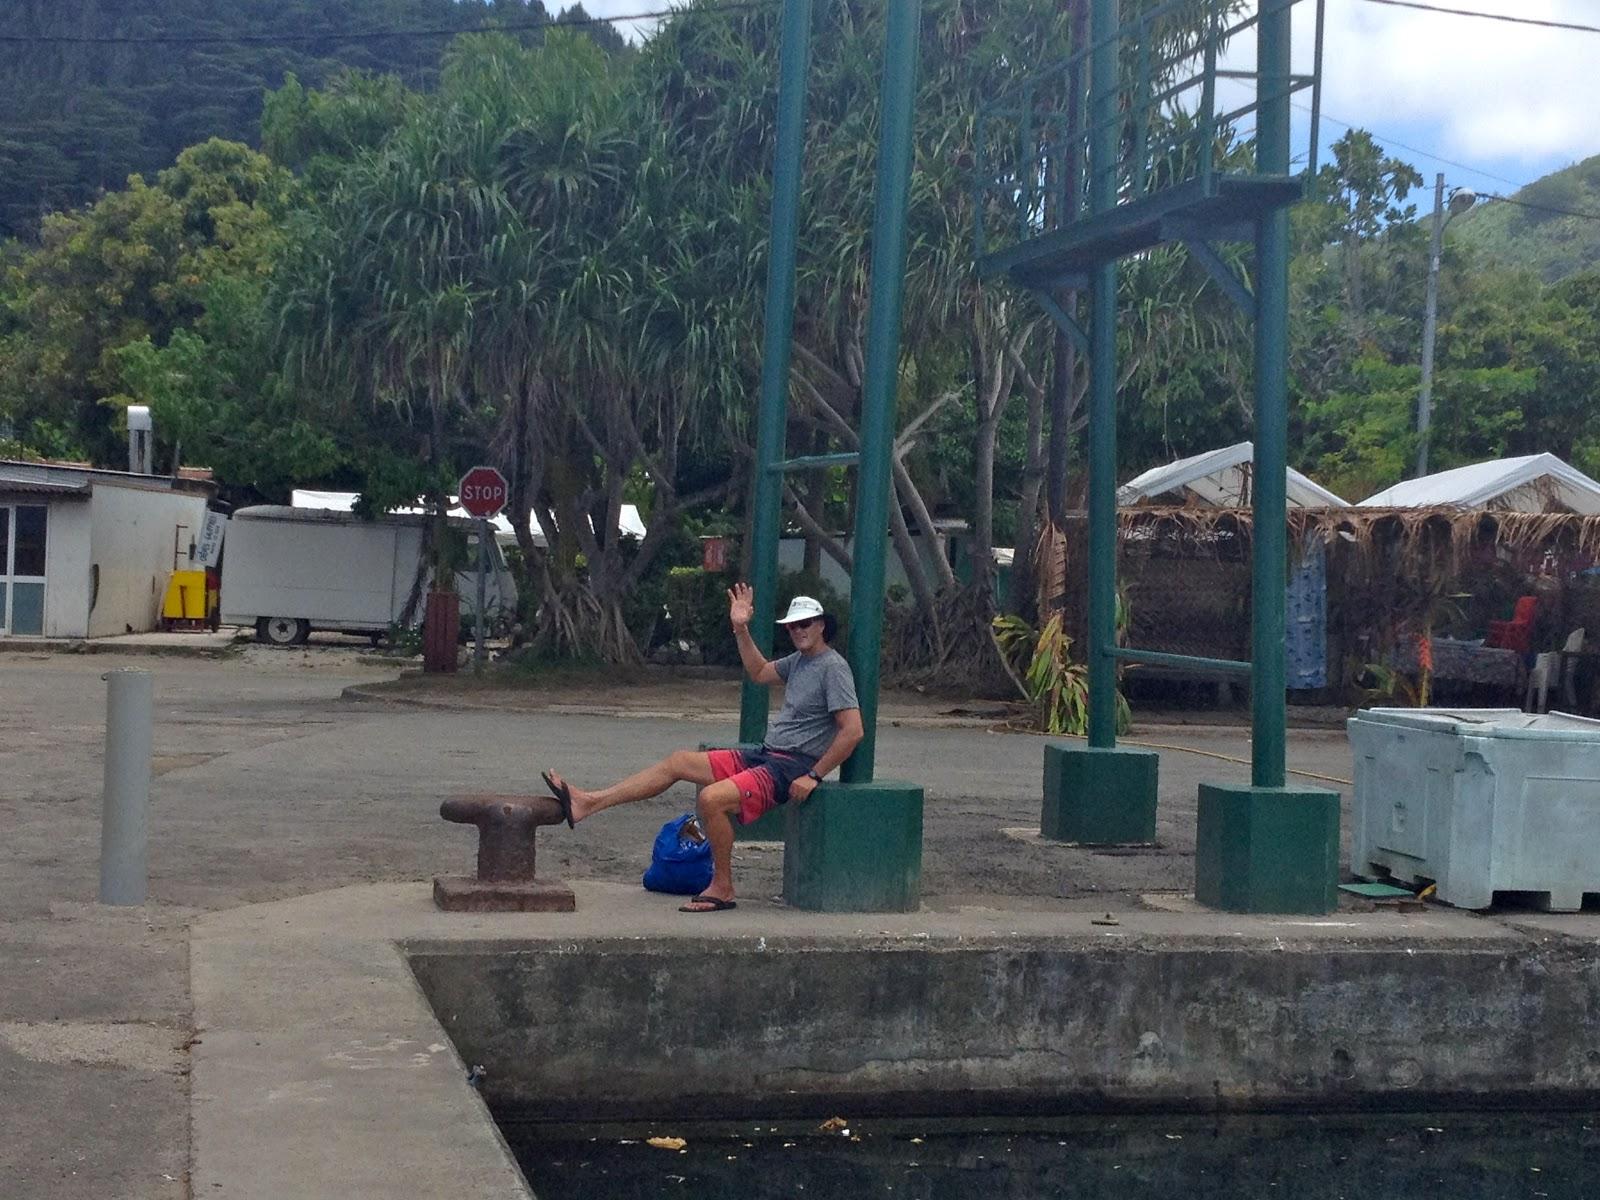 Gal Meets Globe Tahiti Islands French Polynesia Nov 7 14 2012